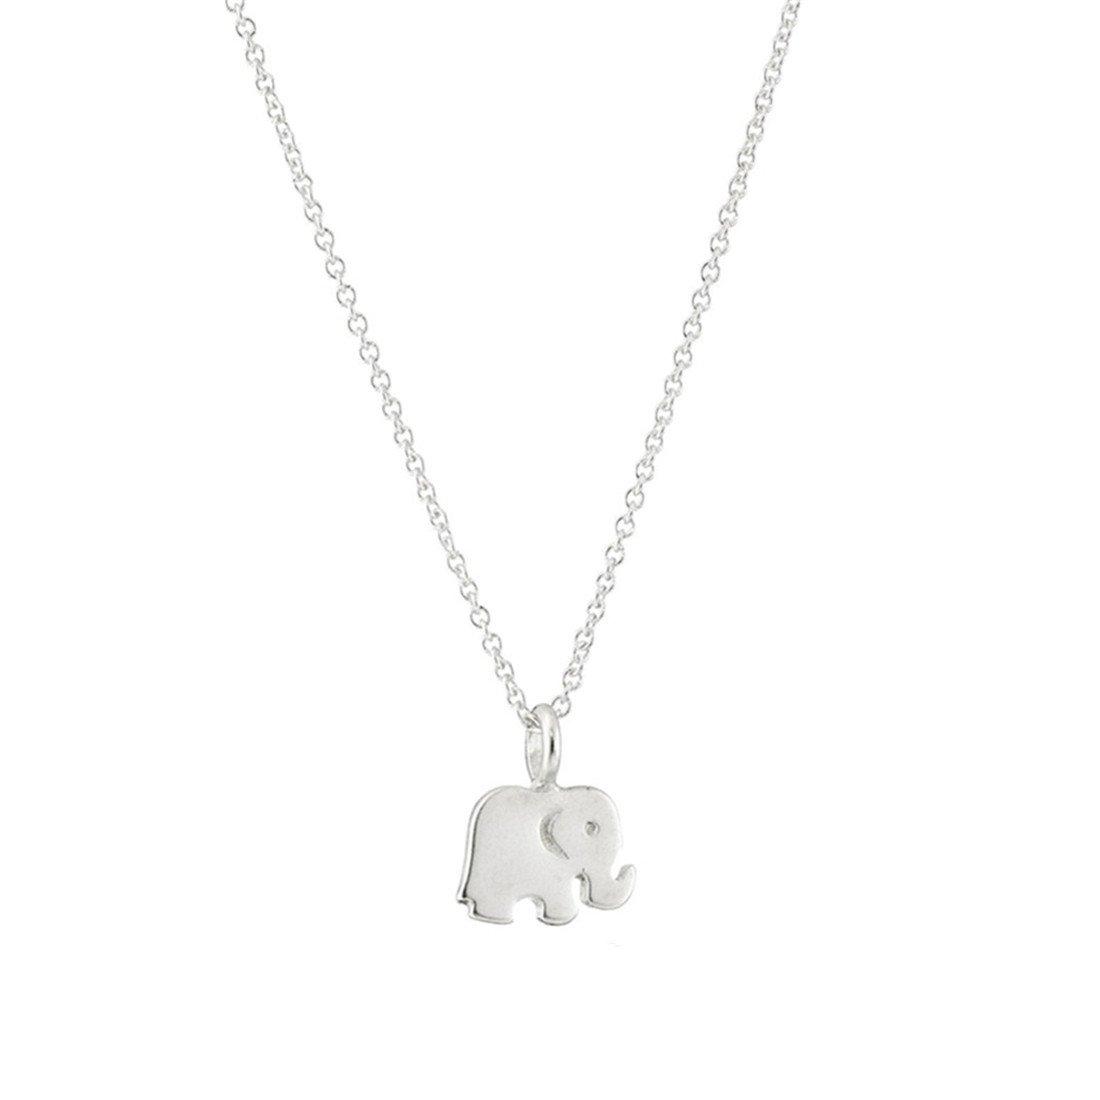 VWH Women Alloy Elephant Pendant Necklace Clavicle Bone Chain Necklace